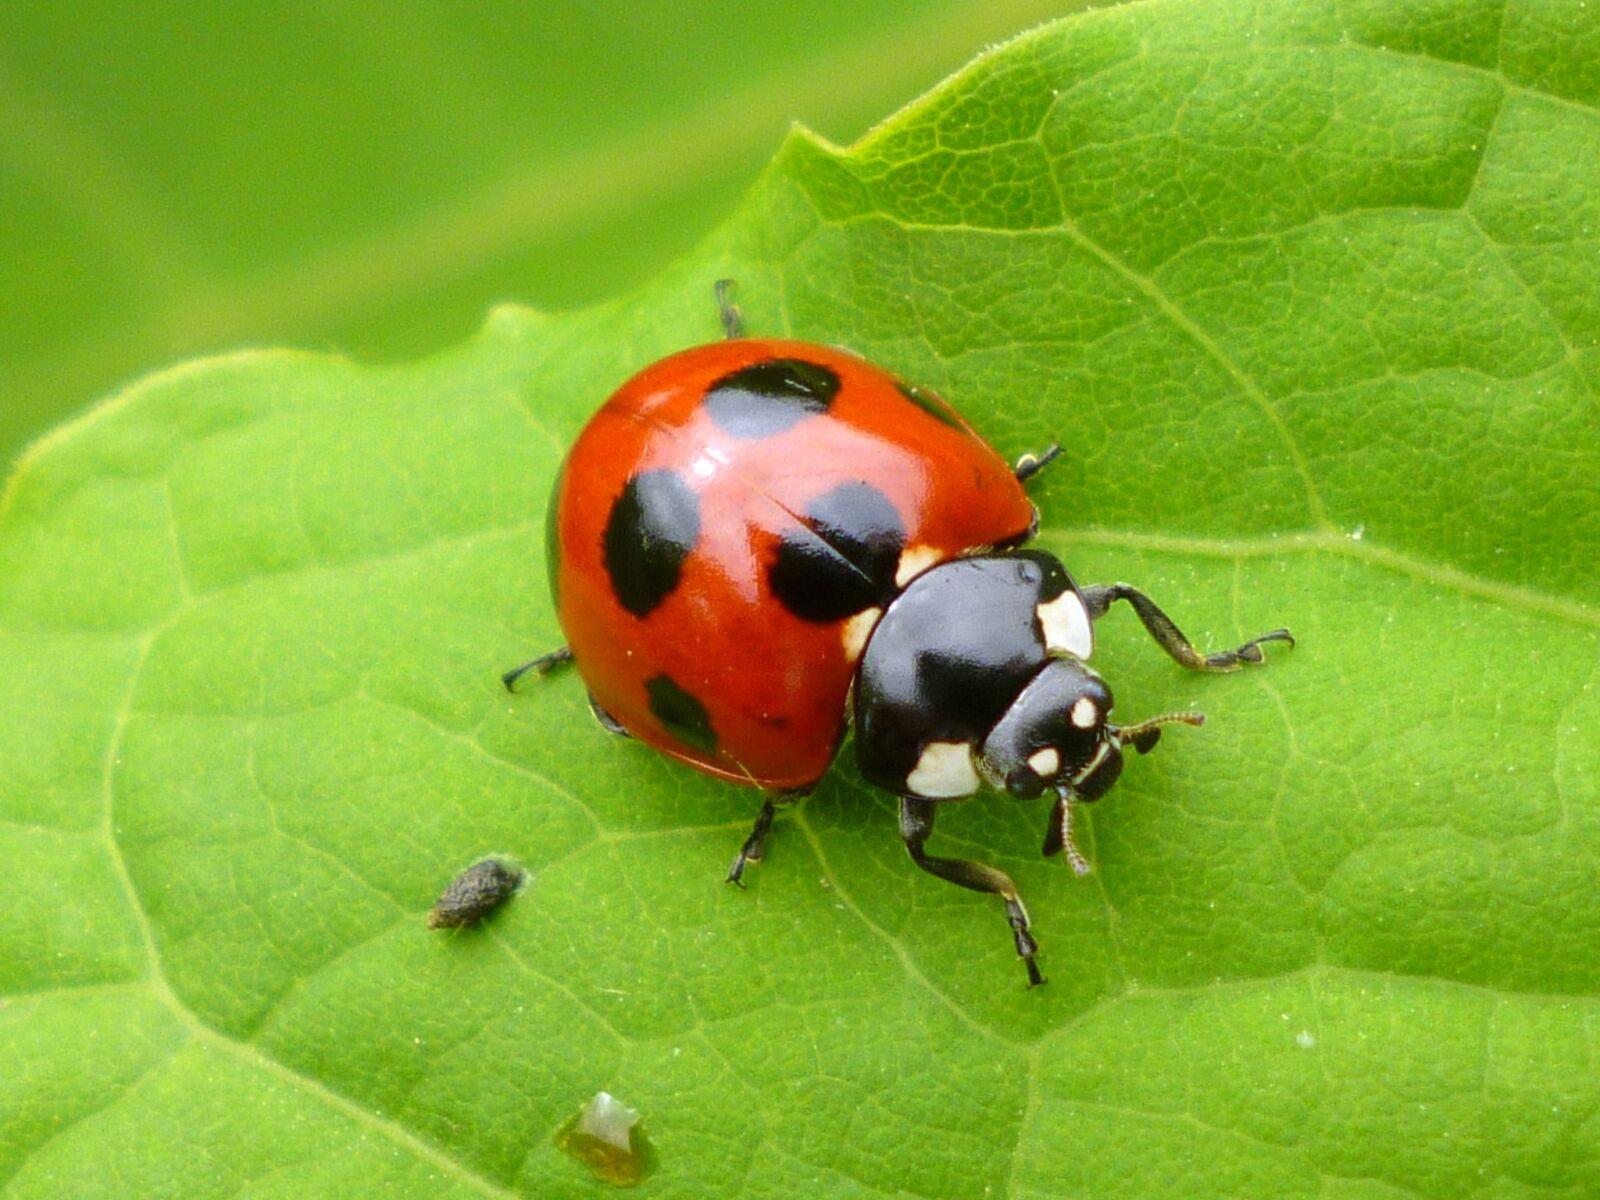 """Panasonic DMC-FH5 sample photo. """"Bug, beetle, natural"""" photography"""